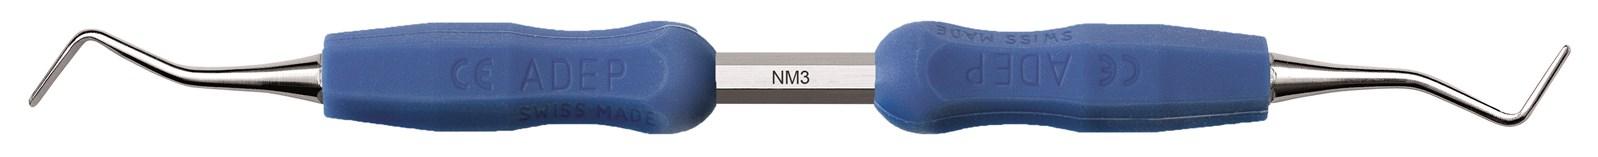 Lžičkové dlátko - NM3, ADEP růžový